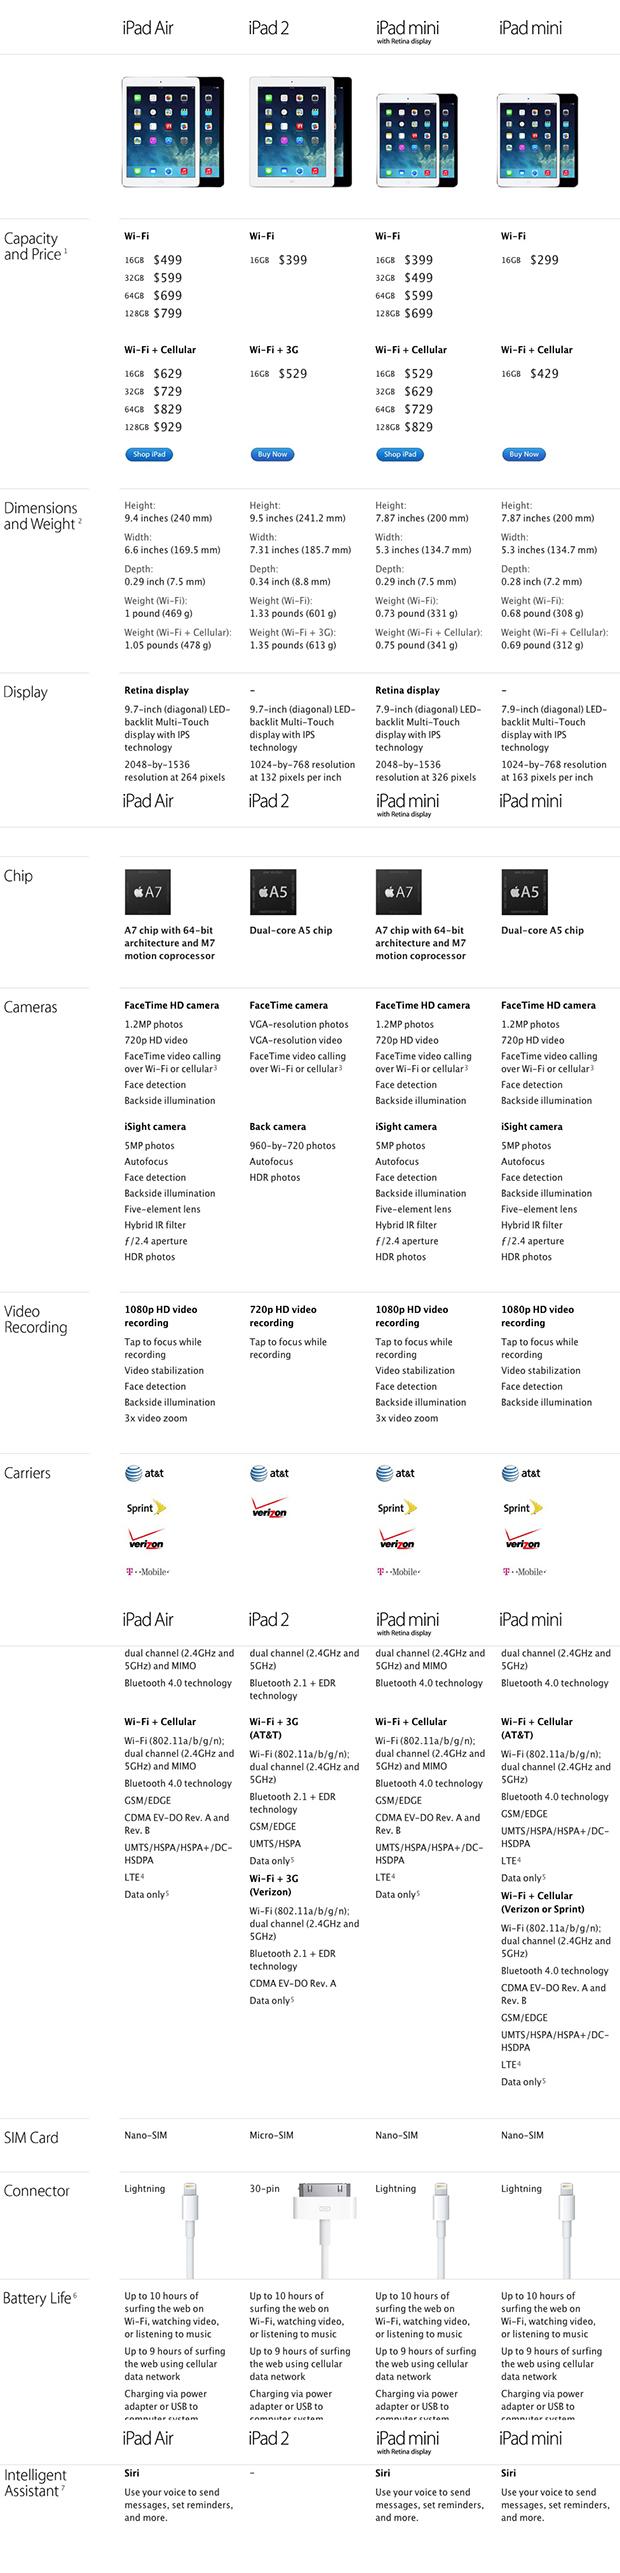 Ένας συγκριτικός πίνακας των 4 διαθέσιμων μοντέλων iPad, από την Apple: iPad Air, iPad 2, iPad mini Retina και iPad mini.